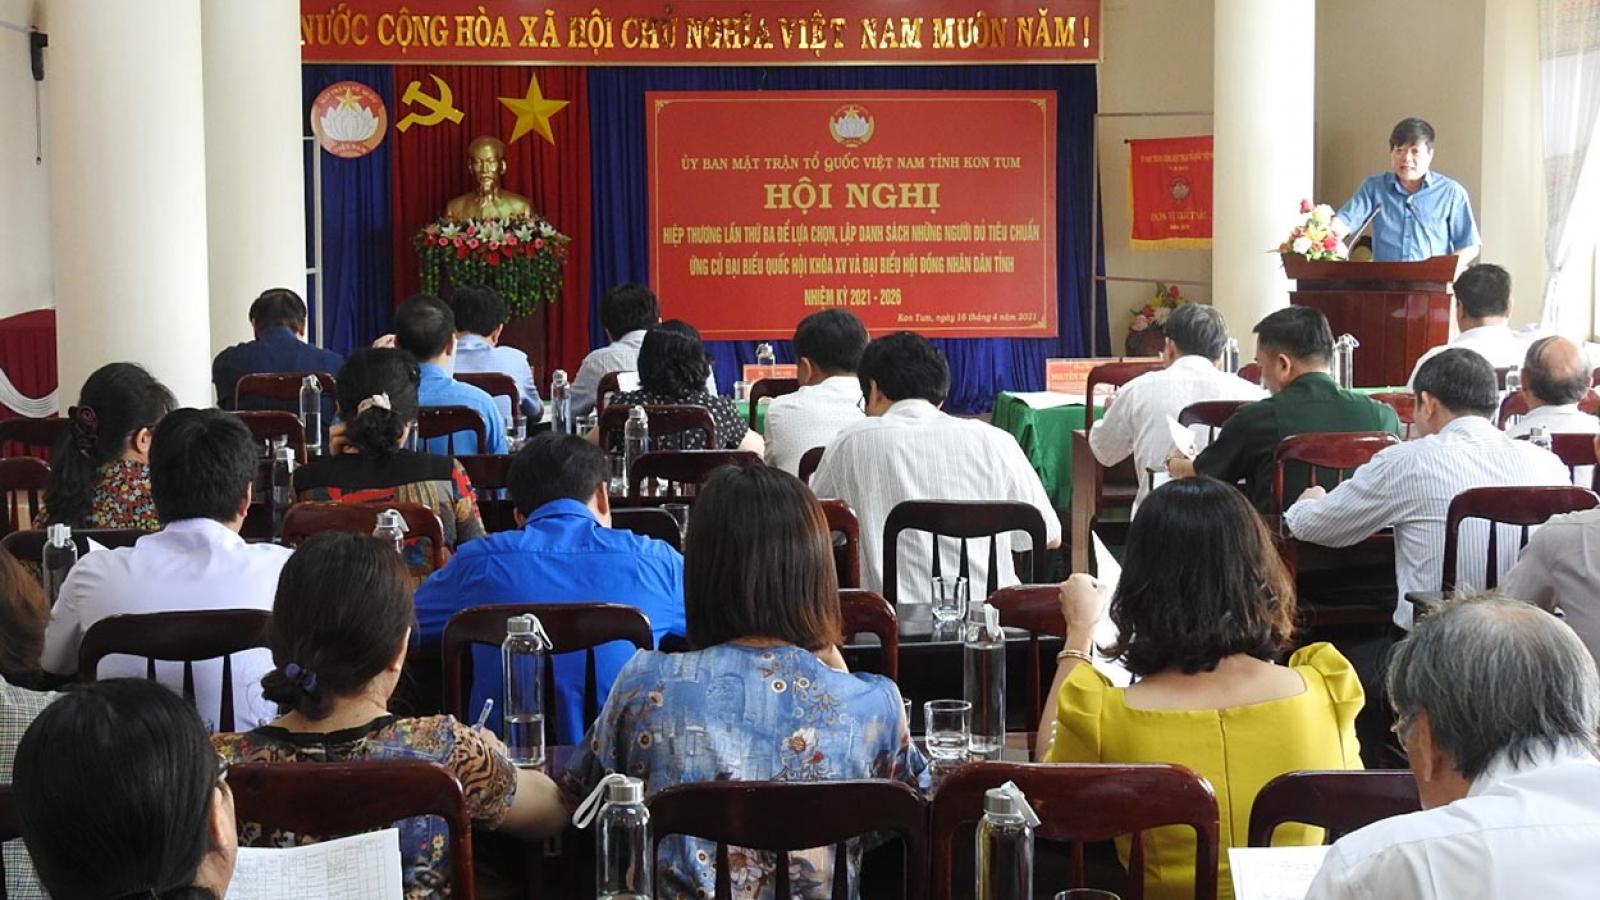 Kon Tum thống nhất 8 ứng cử viên đại biểu Quốc hội, 85 ứng cử viên HĐND tỉnh